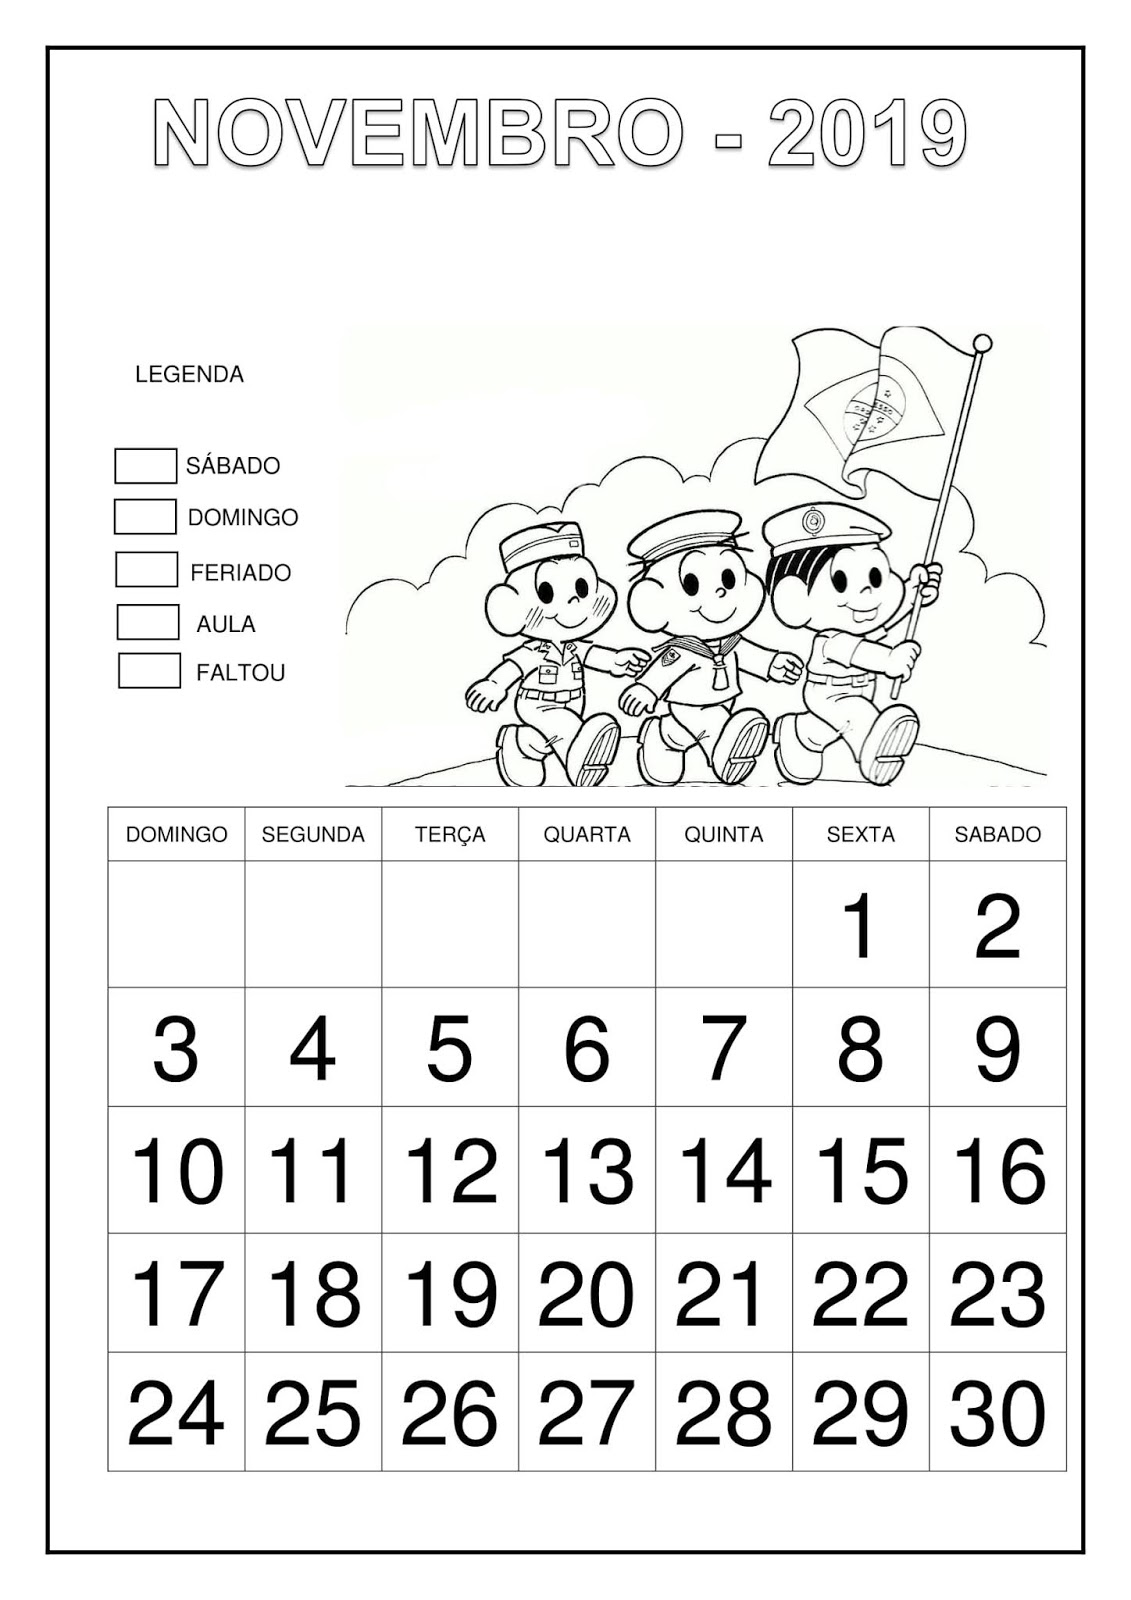 Calendário 2019 - Turma da Mônica